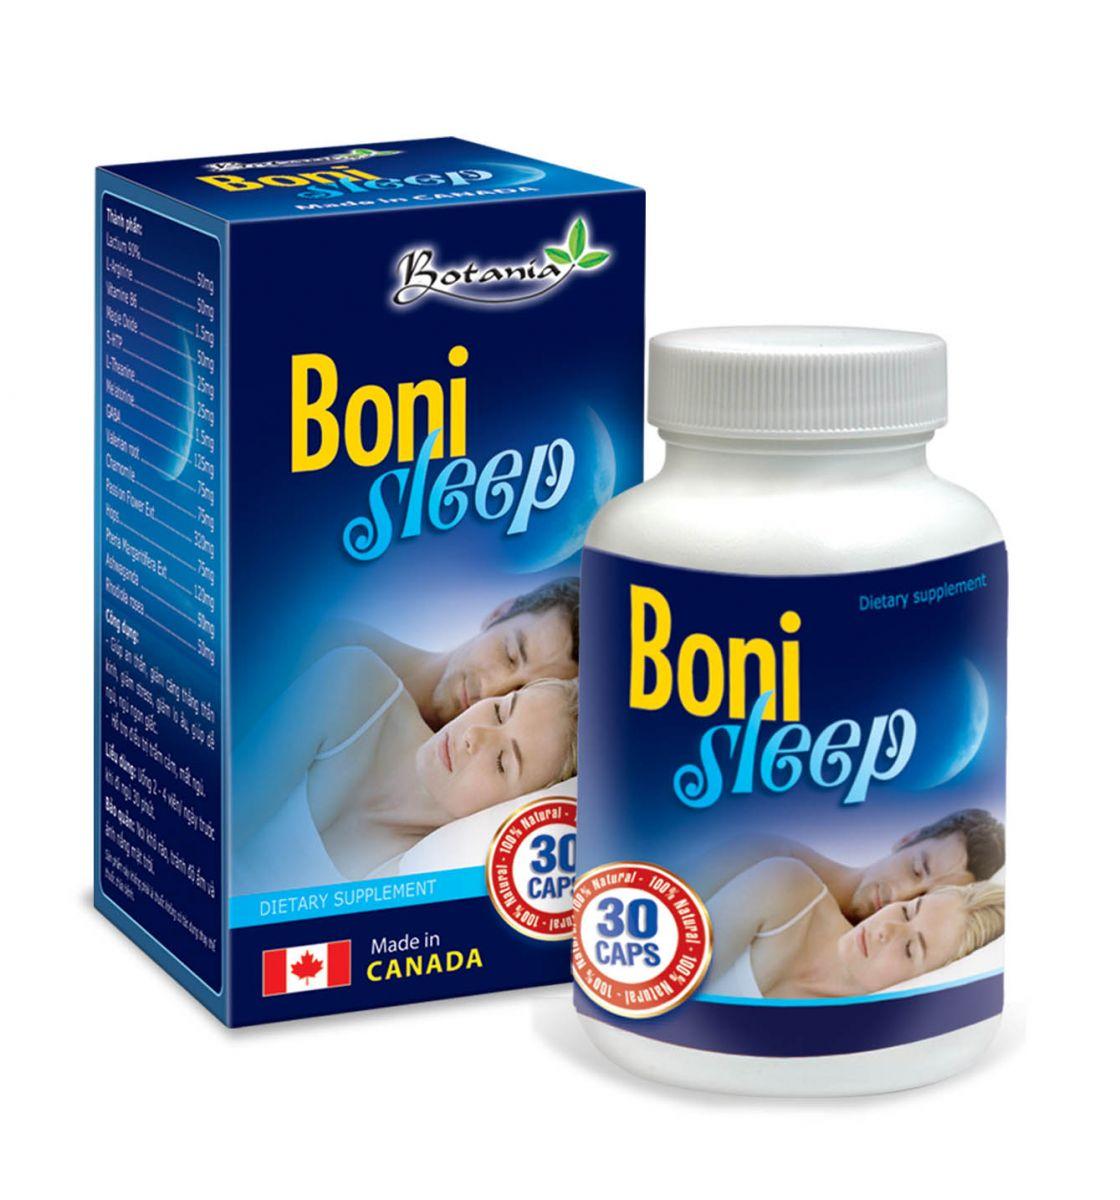 BoniSleep: giúp an thần, giảm căng thẳng thần kinh, giảm stress